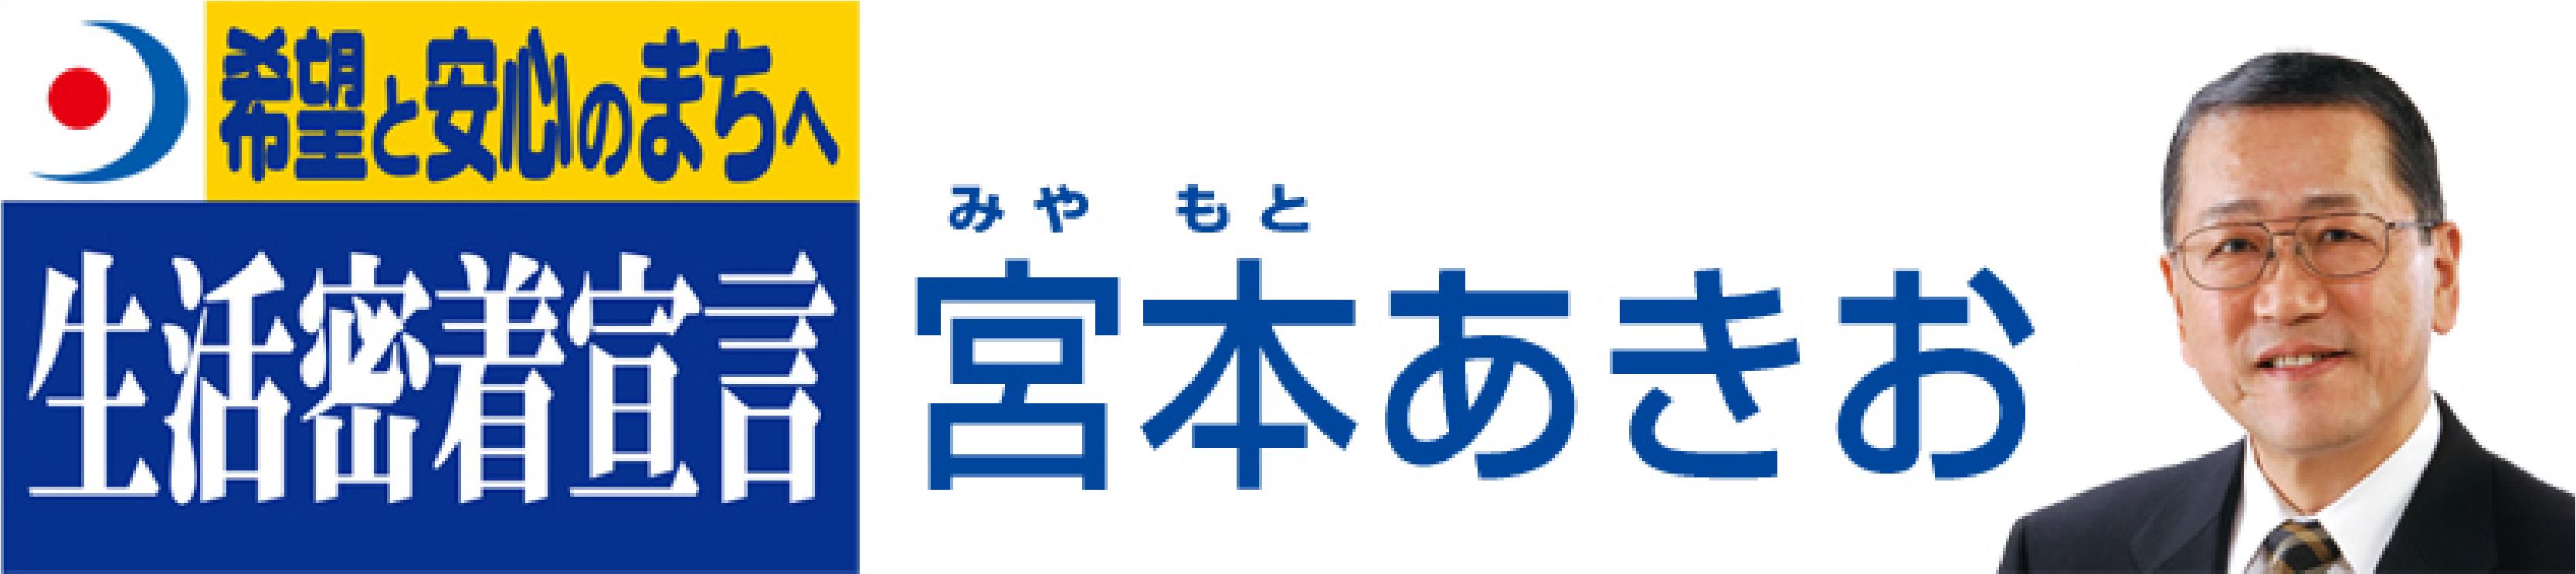 宮本明雄(みやもと あきお)